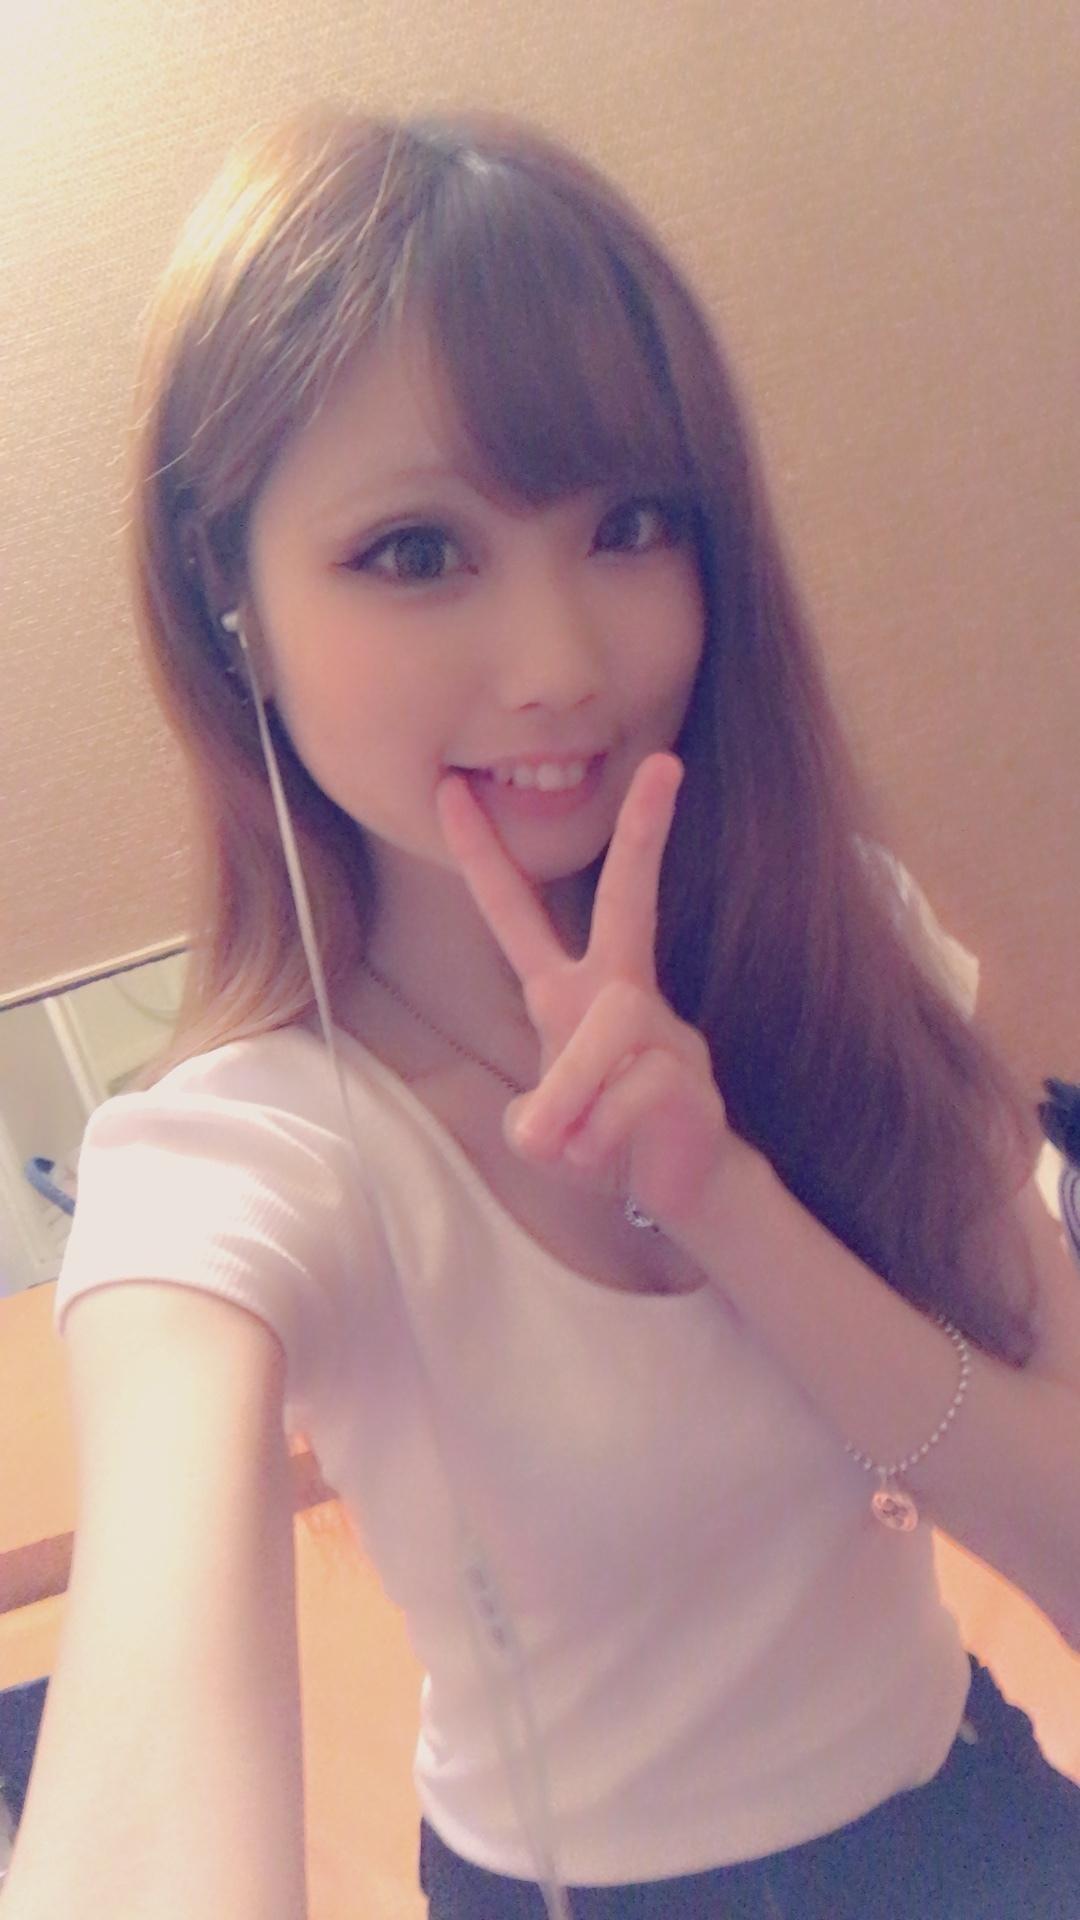 「こんにちはー!」08/12(日) 17:28 | えりなの写メ・風俗動画